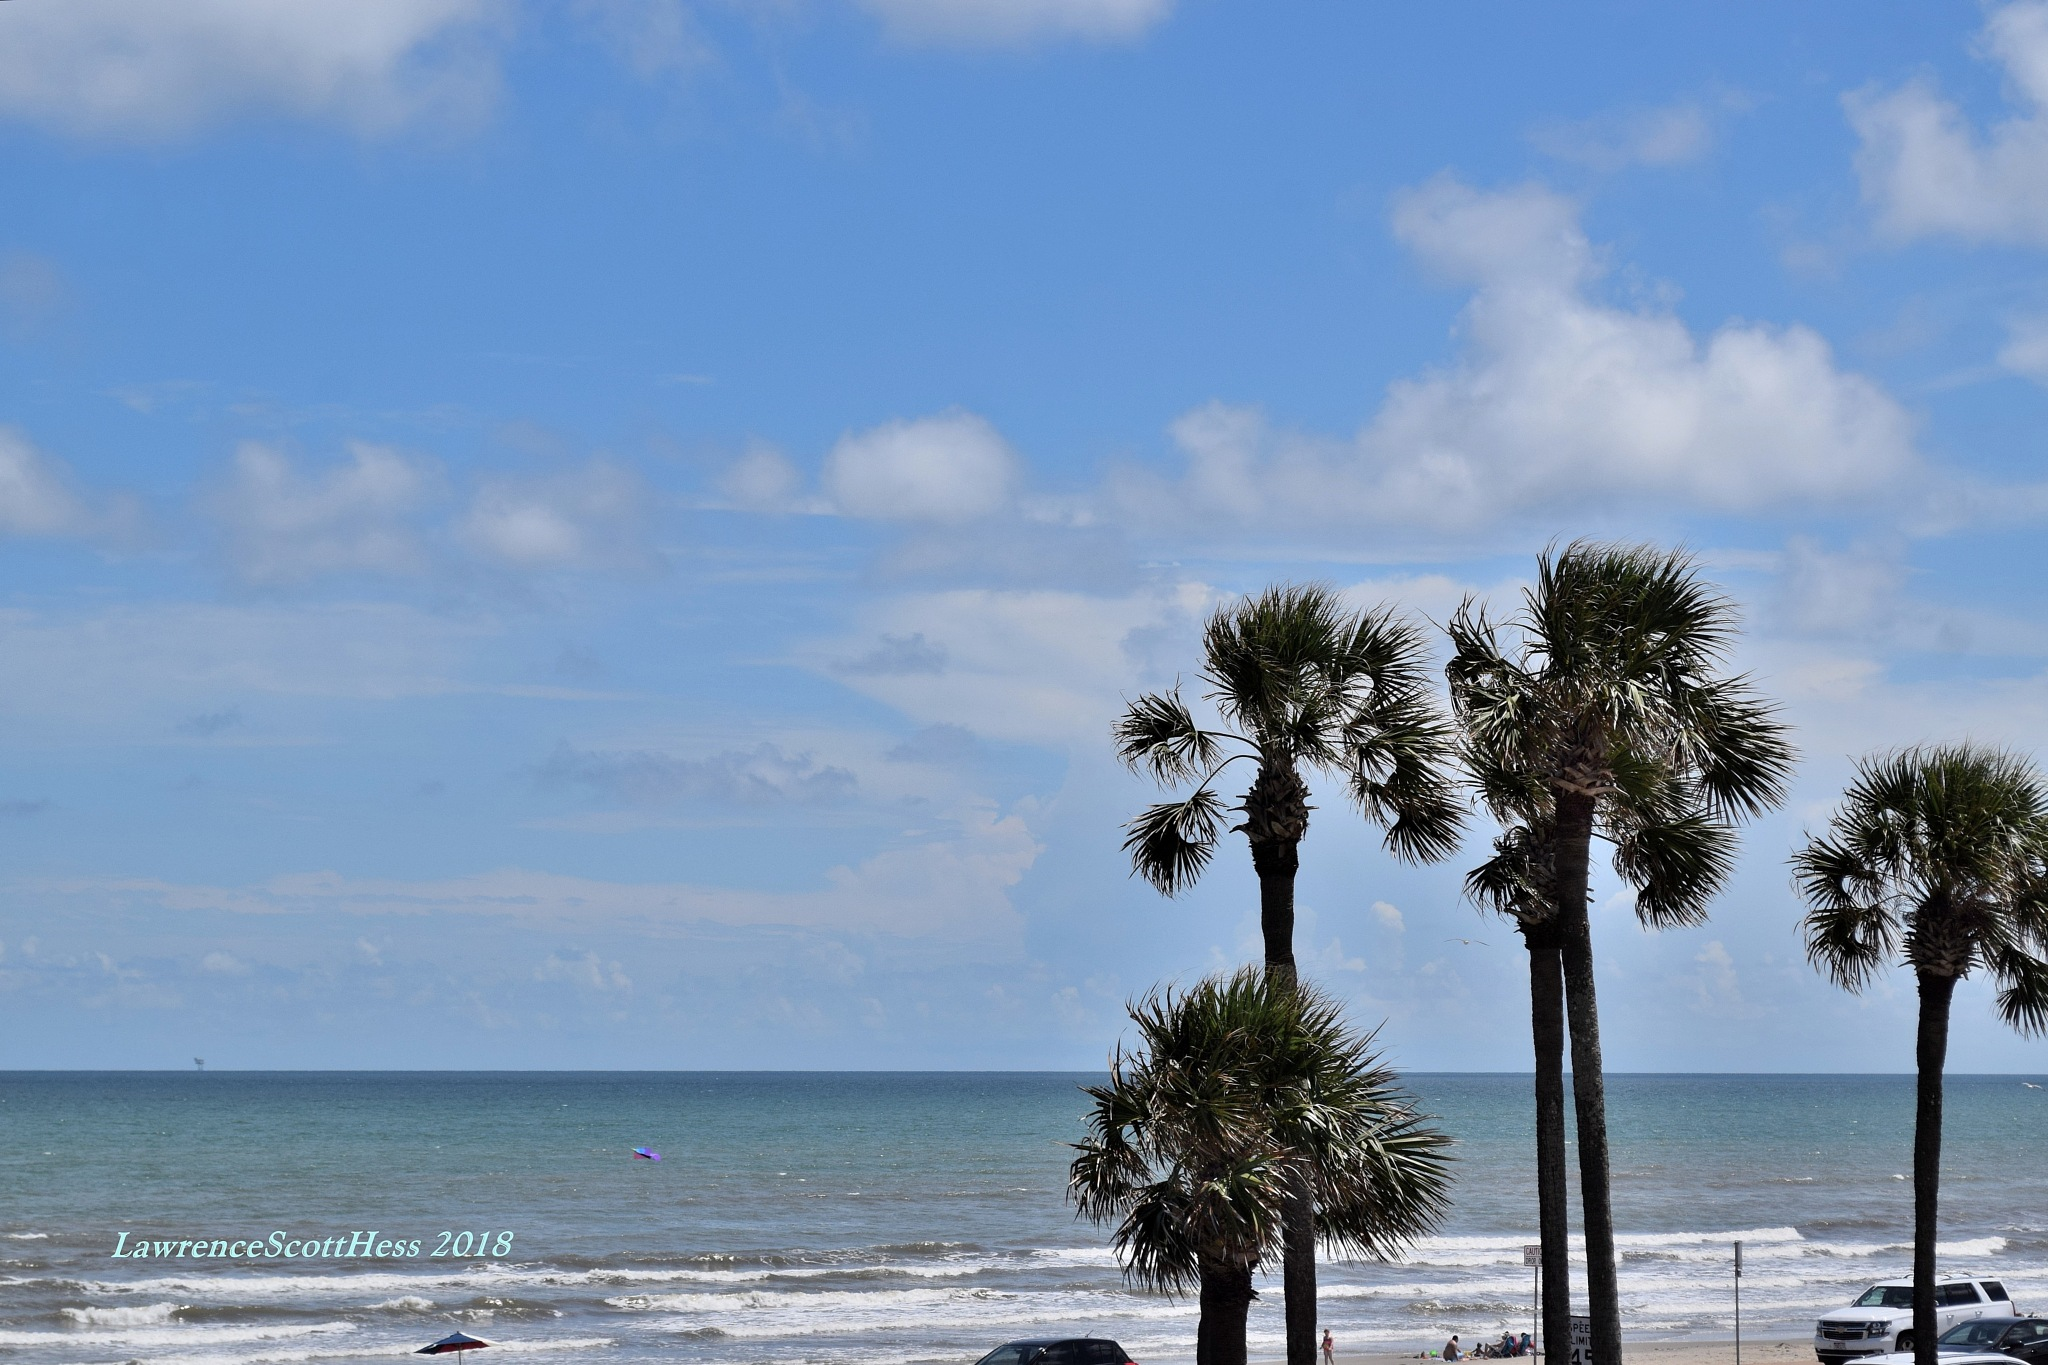 Galveston 659~The Breezy Palms by Lawrence Scott Hess